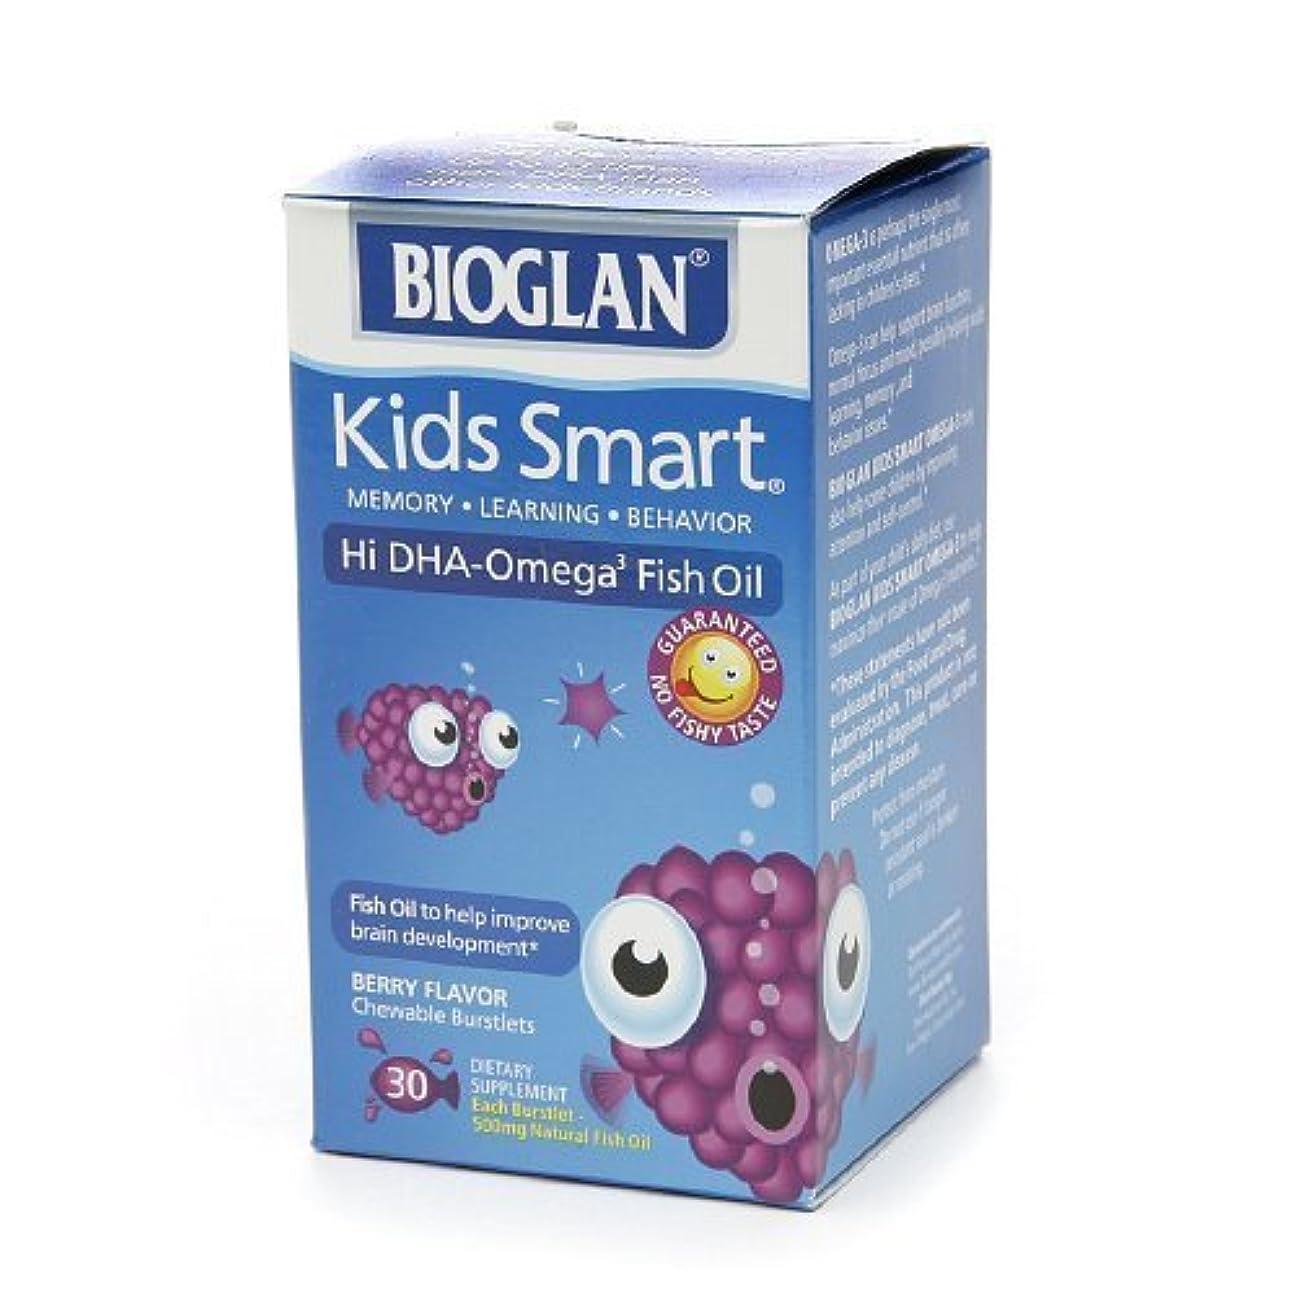 小説家ダイジェスト外交官BioGlan Kids Smart Hi DHA Omega-3 Fish Oil, Chewable Burstlets, Berry--30 ea-Product ID DRU-318828_1 by bioglan...